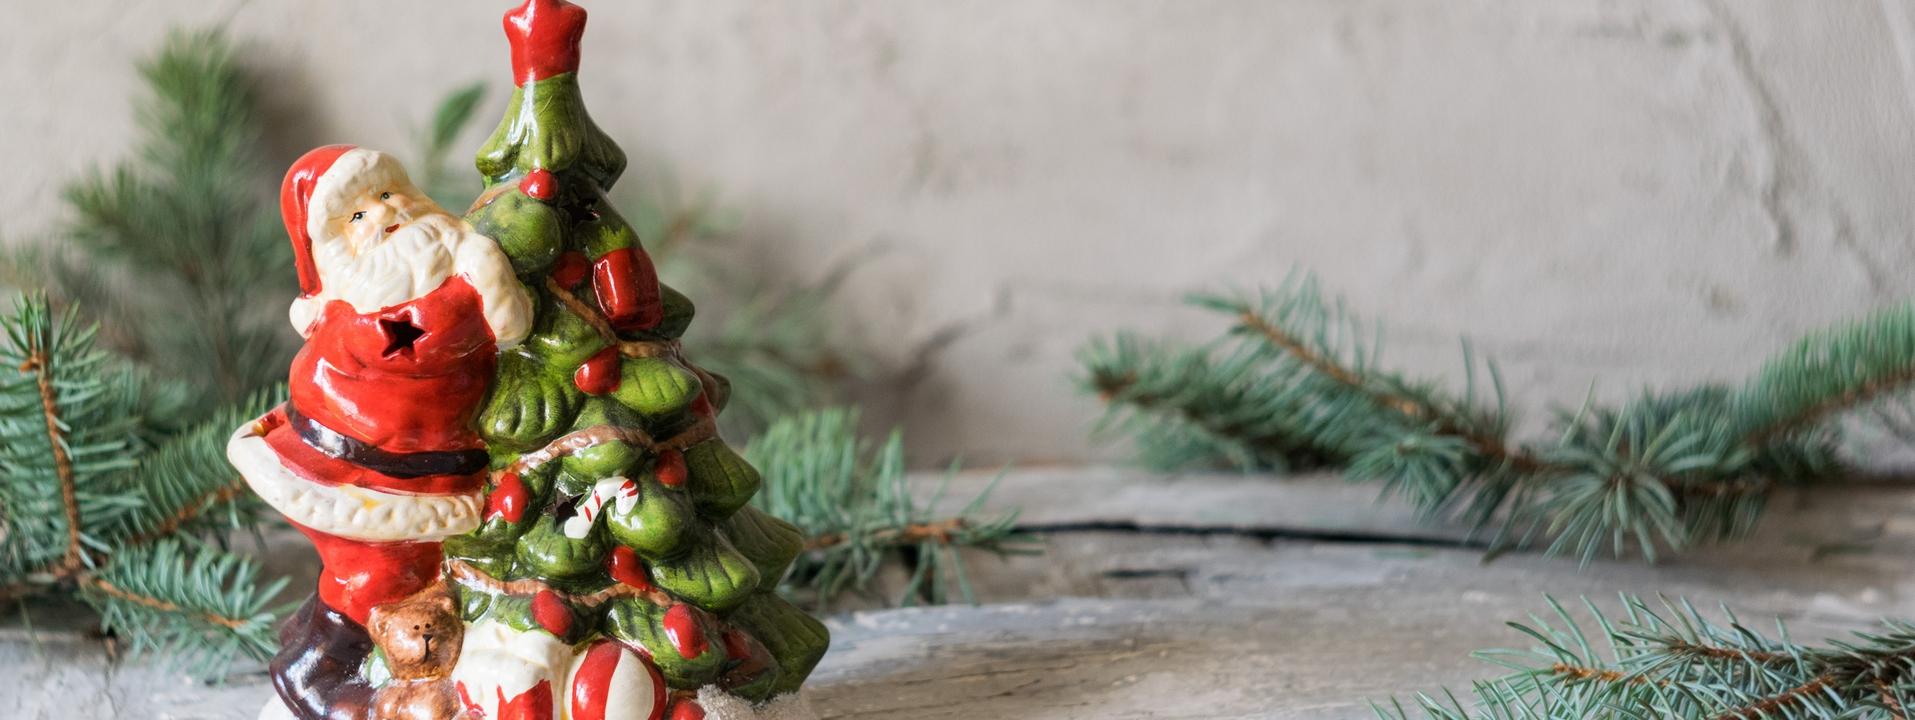 Le Père Noël dans la décoration de Noël